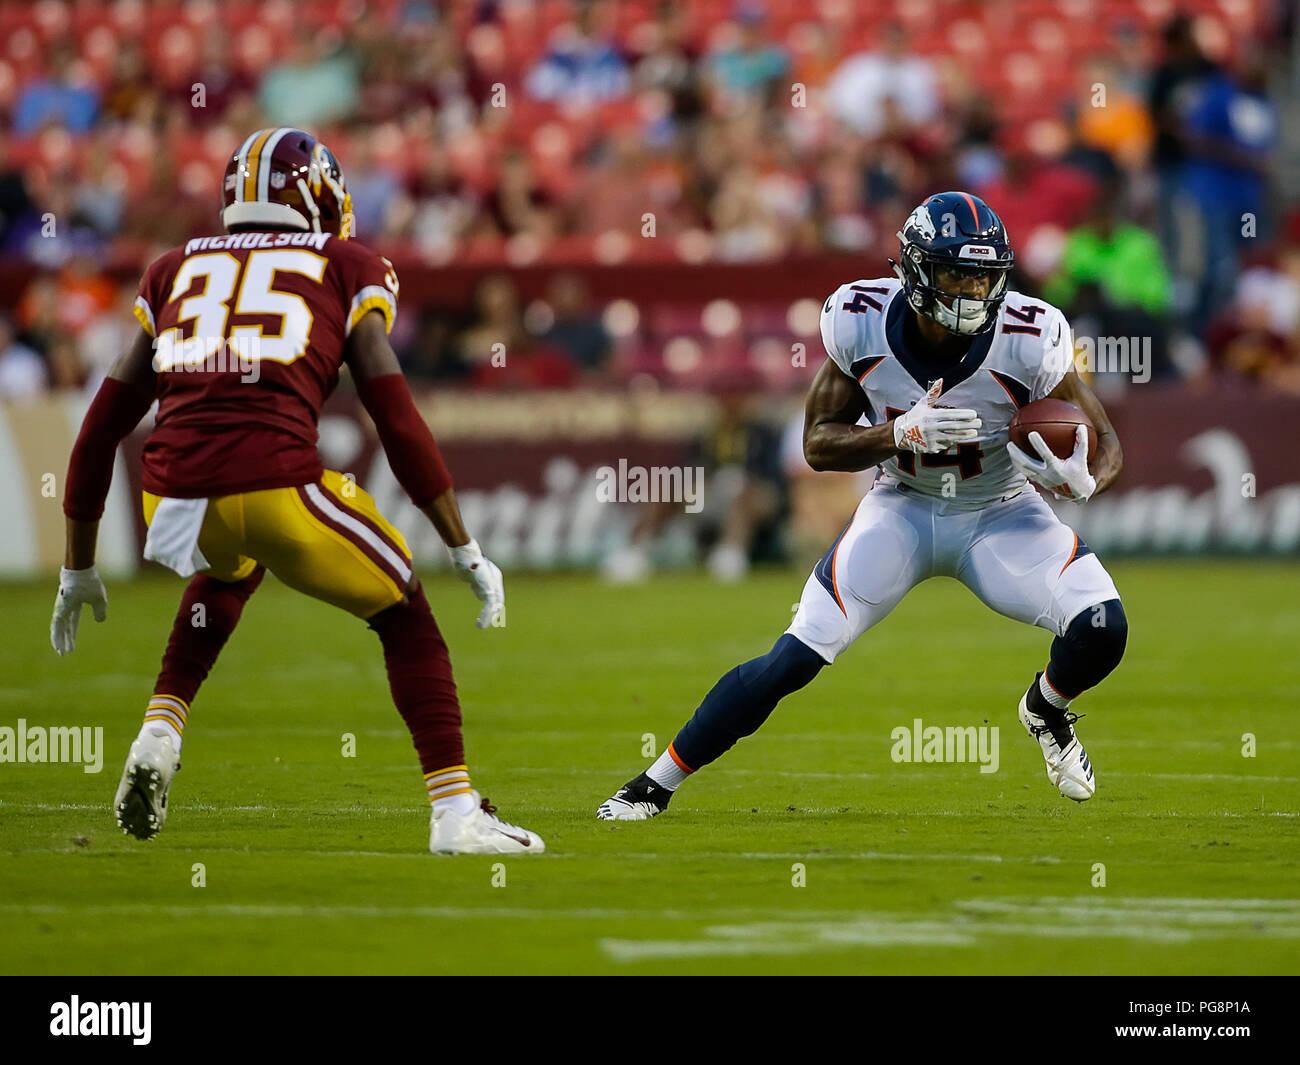 dc5a8464 Landover, USA. August 24, 2018: Denver Broncos WR #14 Courtland ...